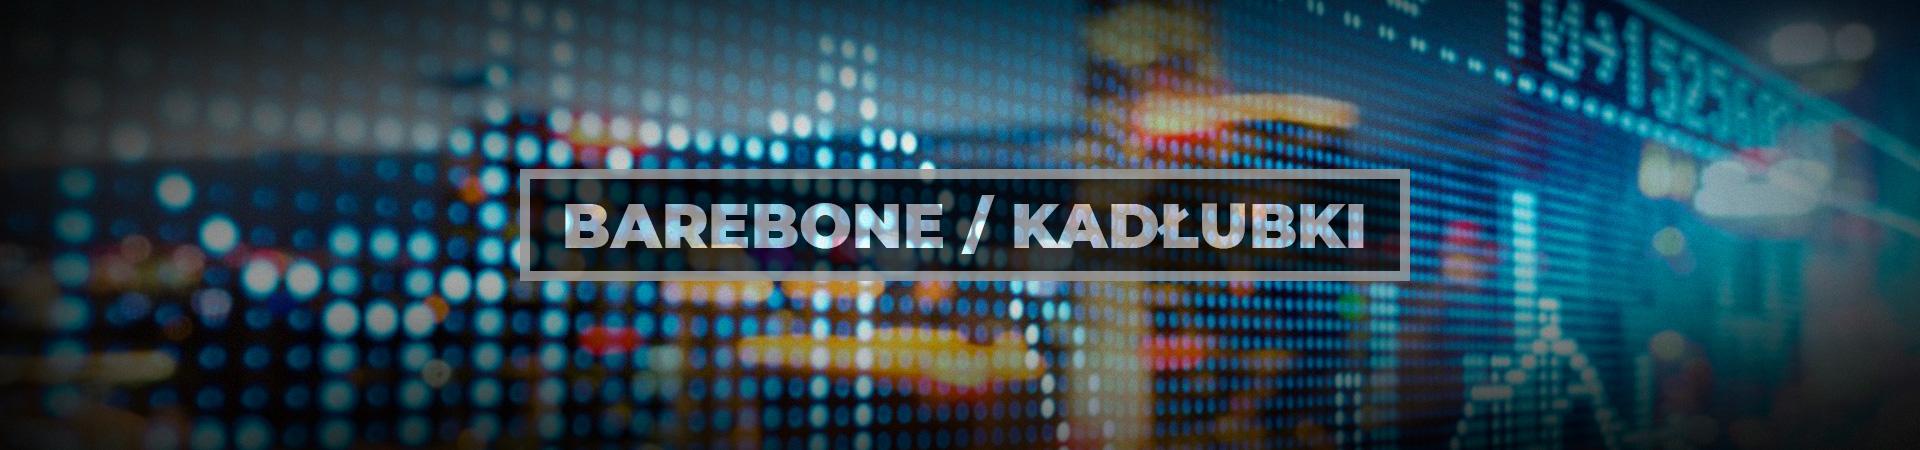 barebone / kadłubki